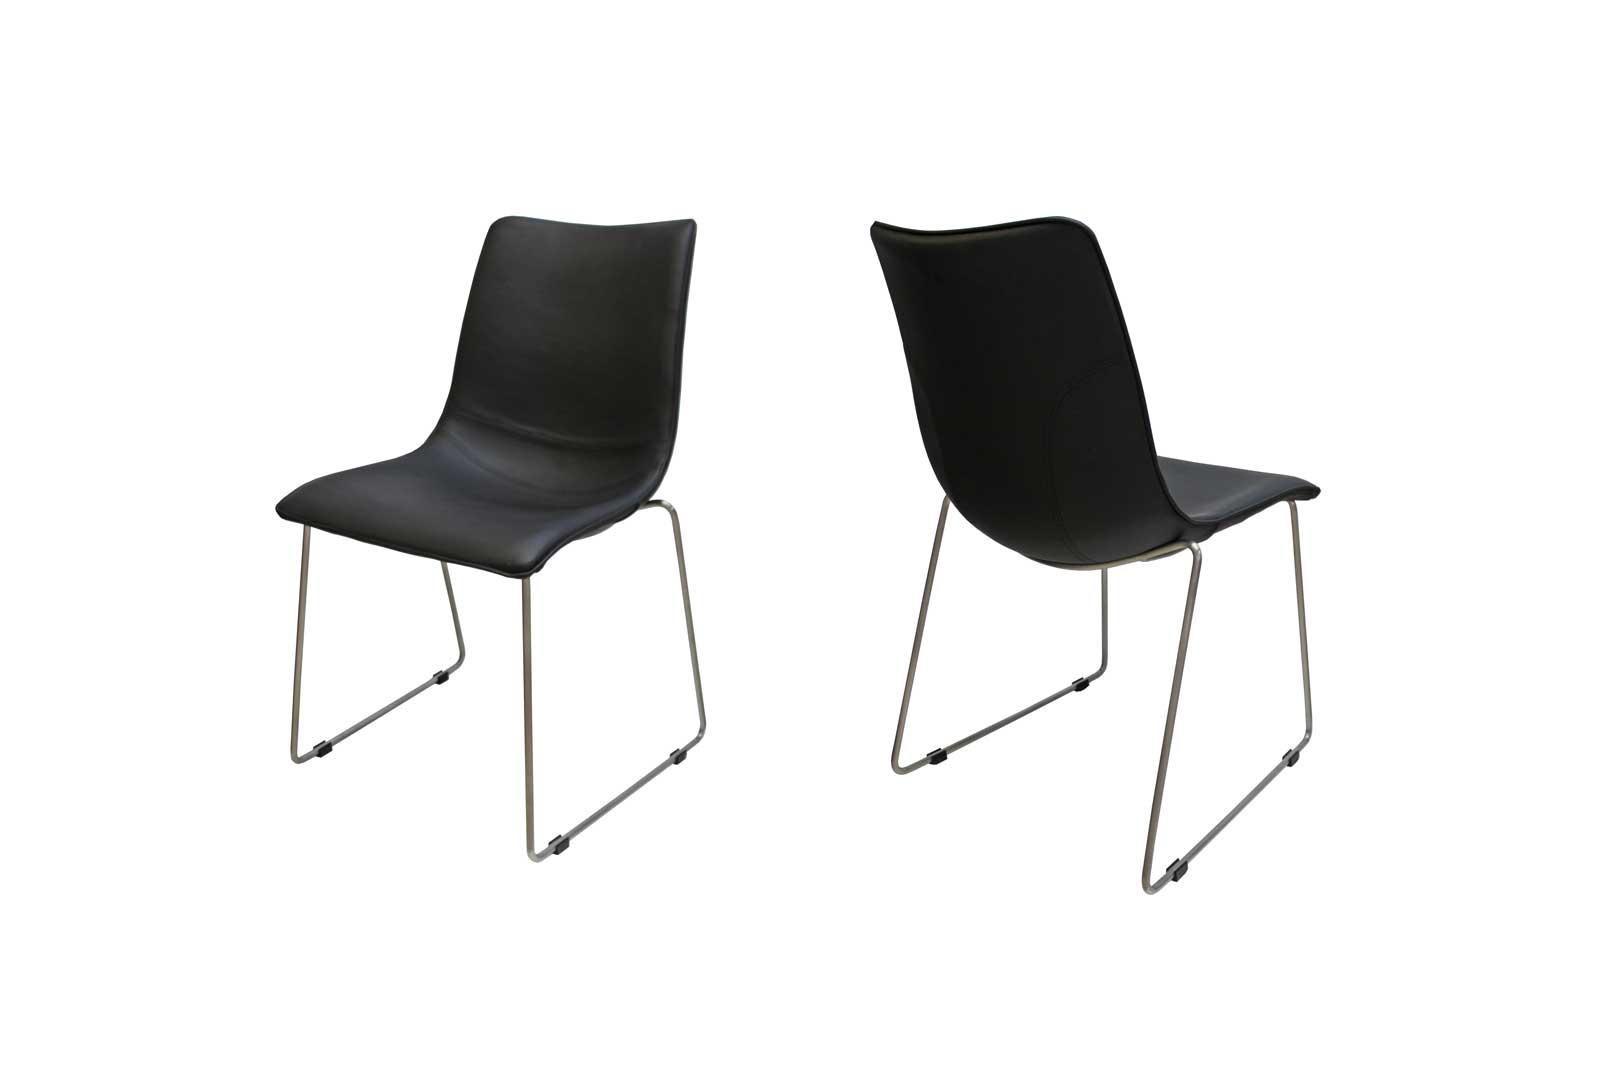 Billede af Delta stol i sort